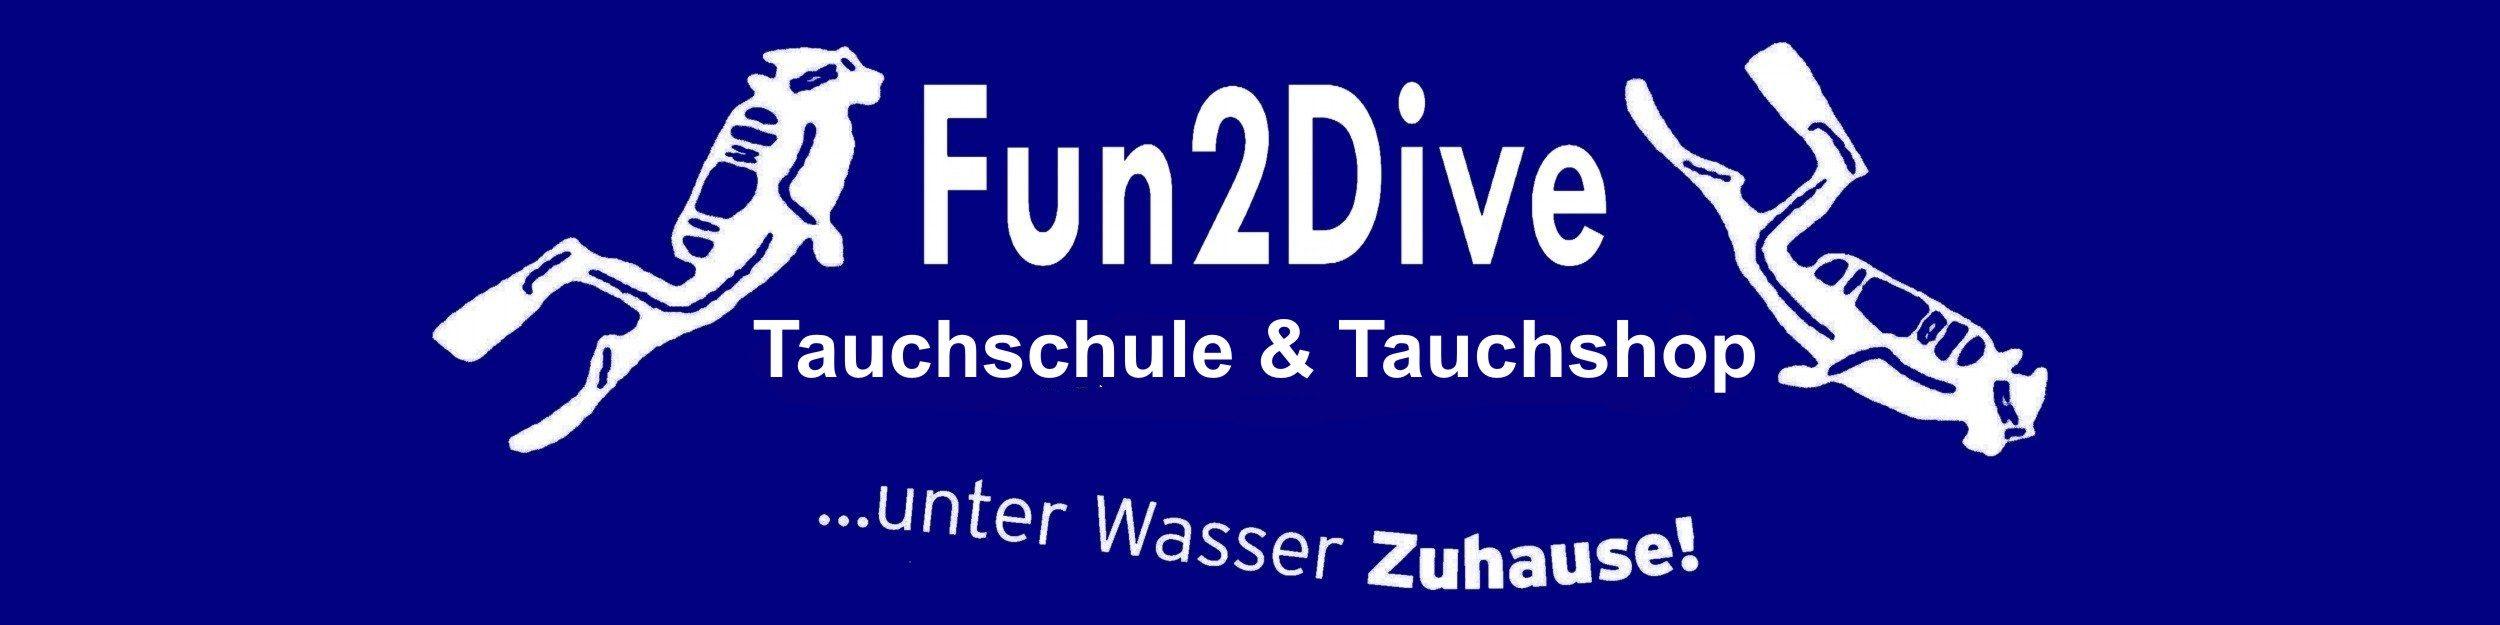 Fun2Dive – Tauchcenter, Tauchschule, Tauchshop, Tauchen